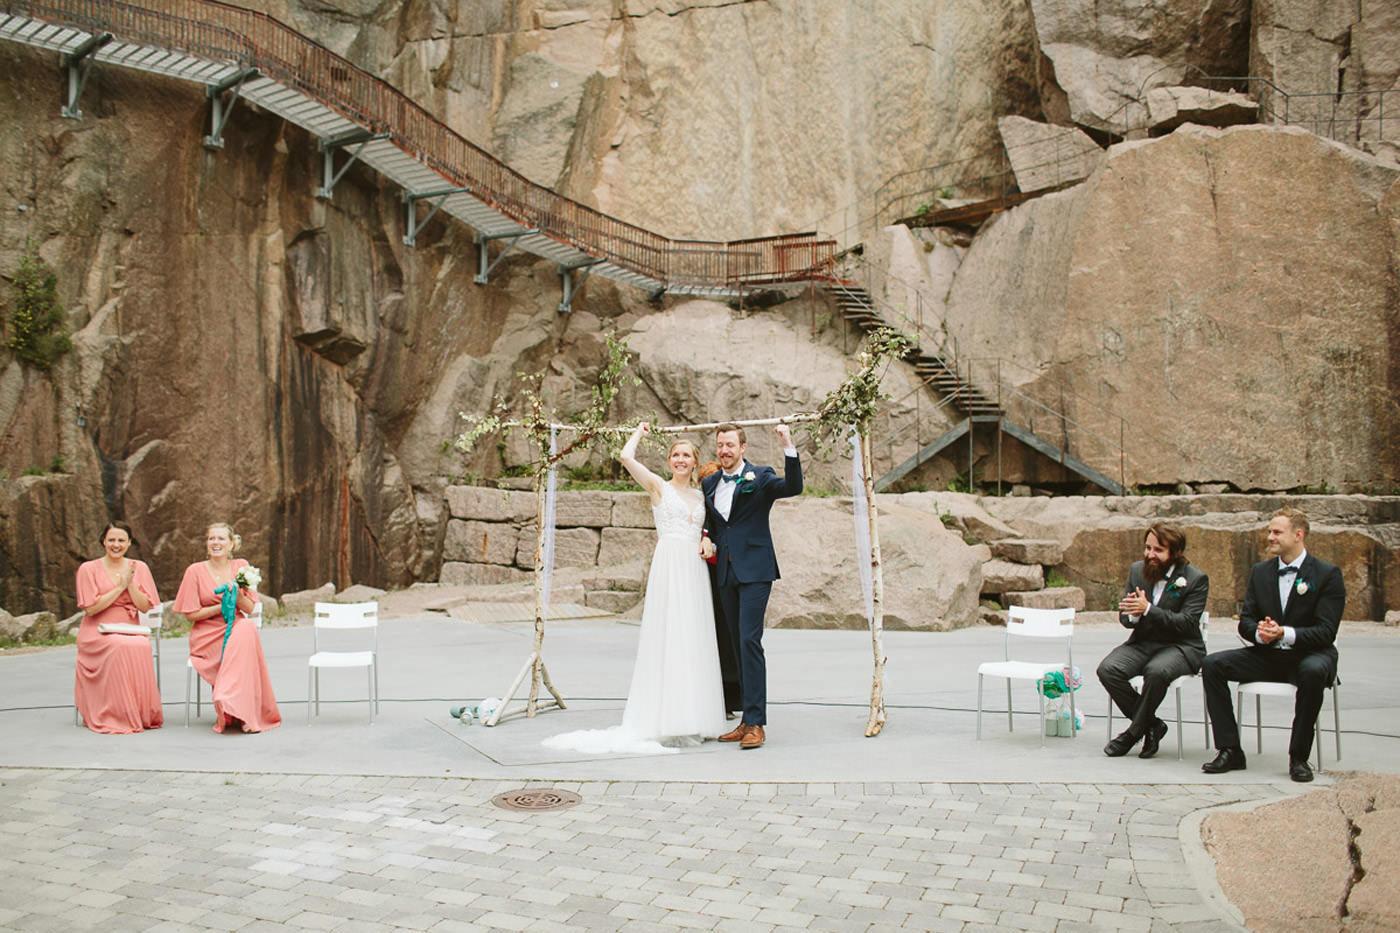 oslo wedding venues